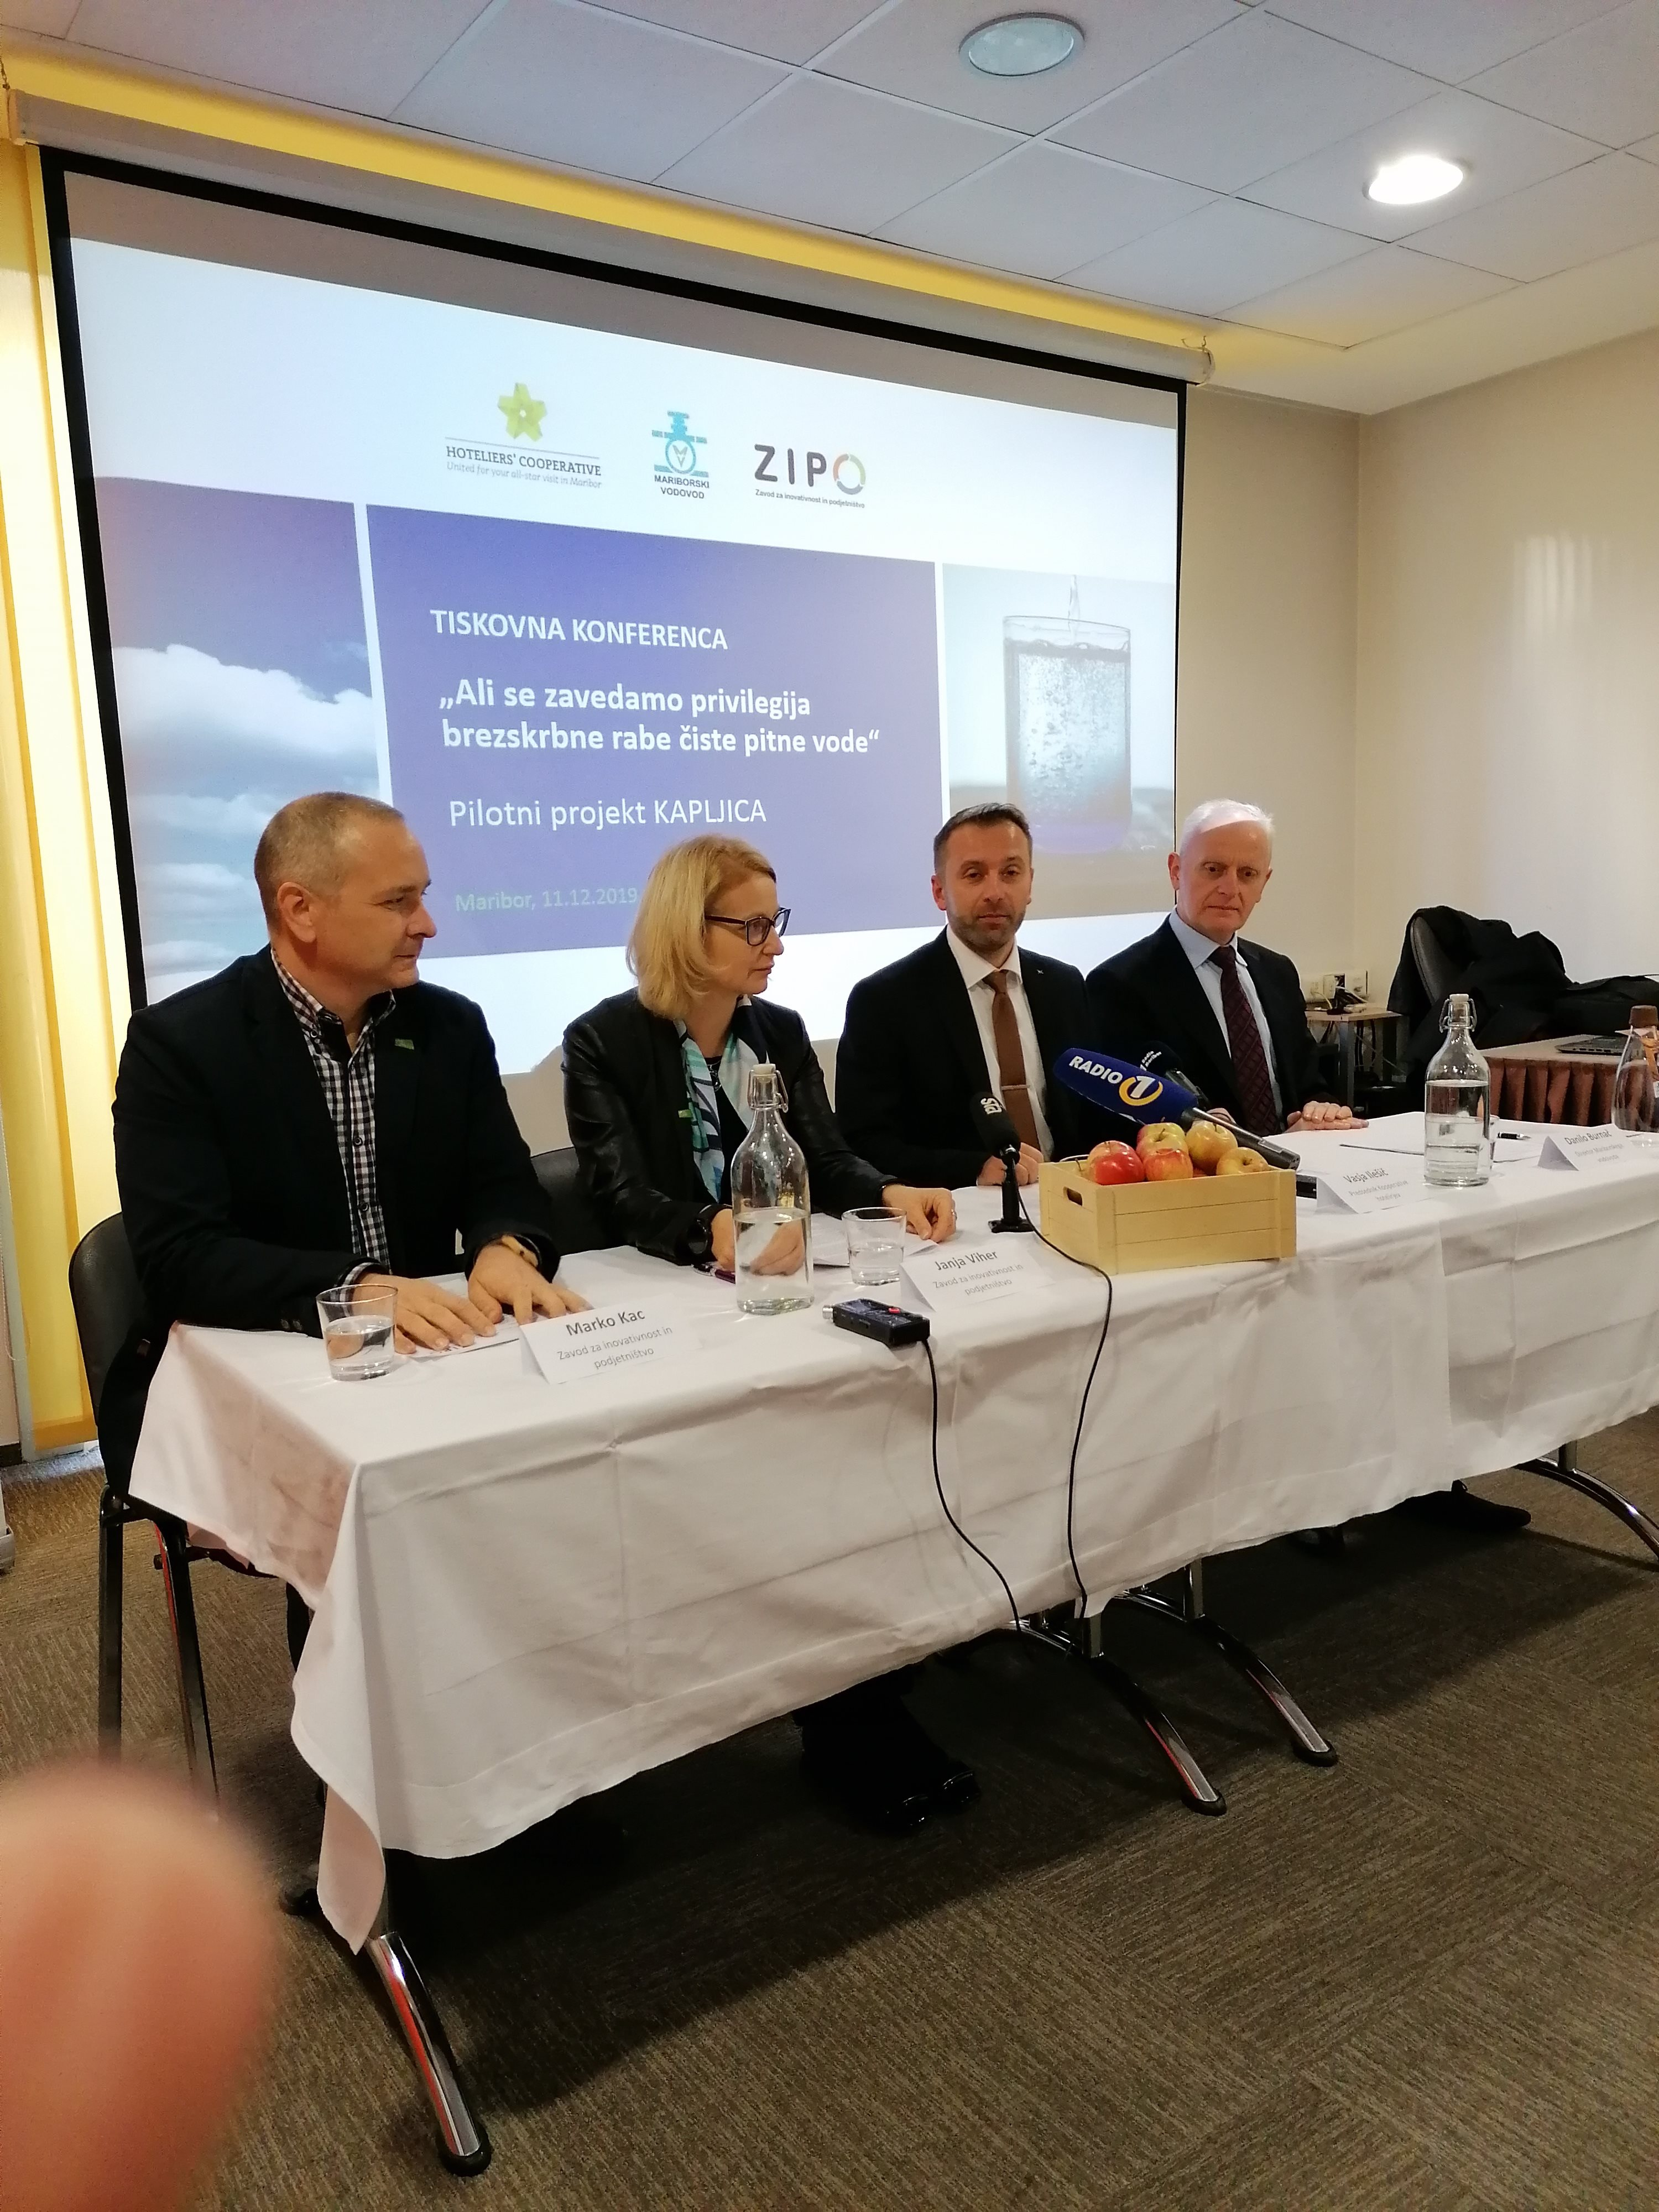 Z marketinškimi ukrepi bodo  poskrbeli za prepoznavnost ravnanja s pitno vodo.